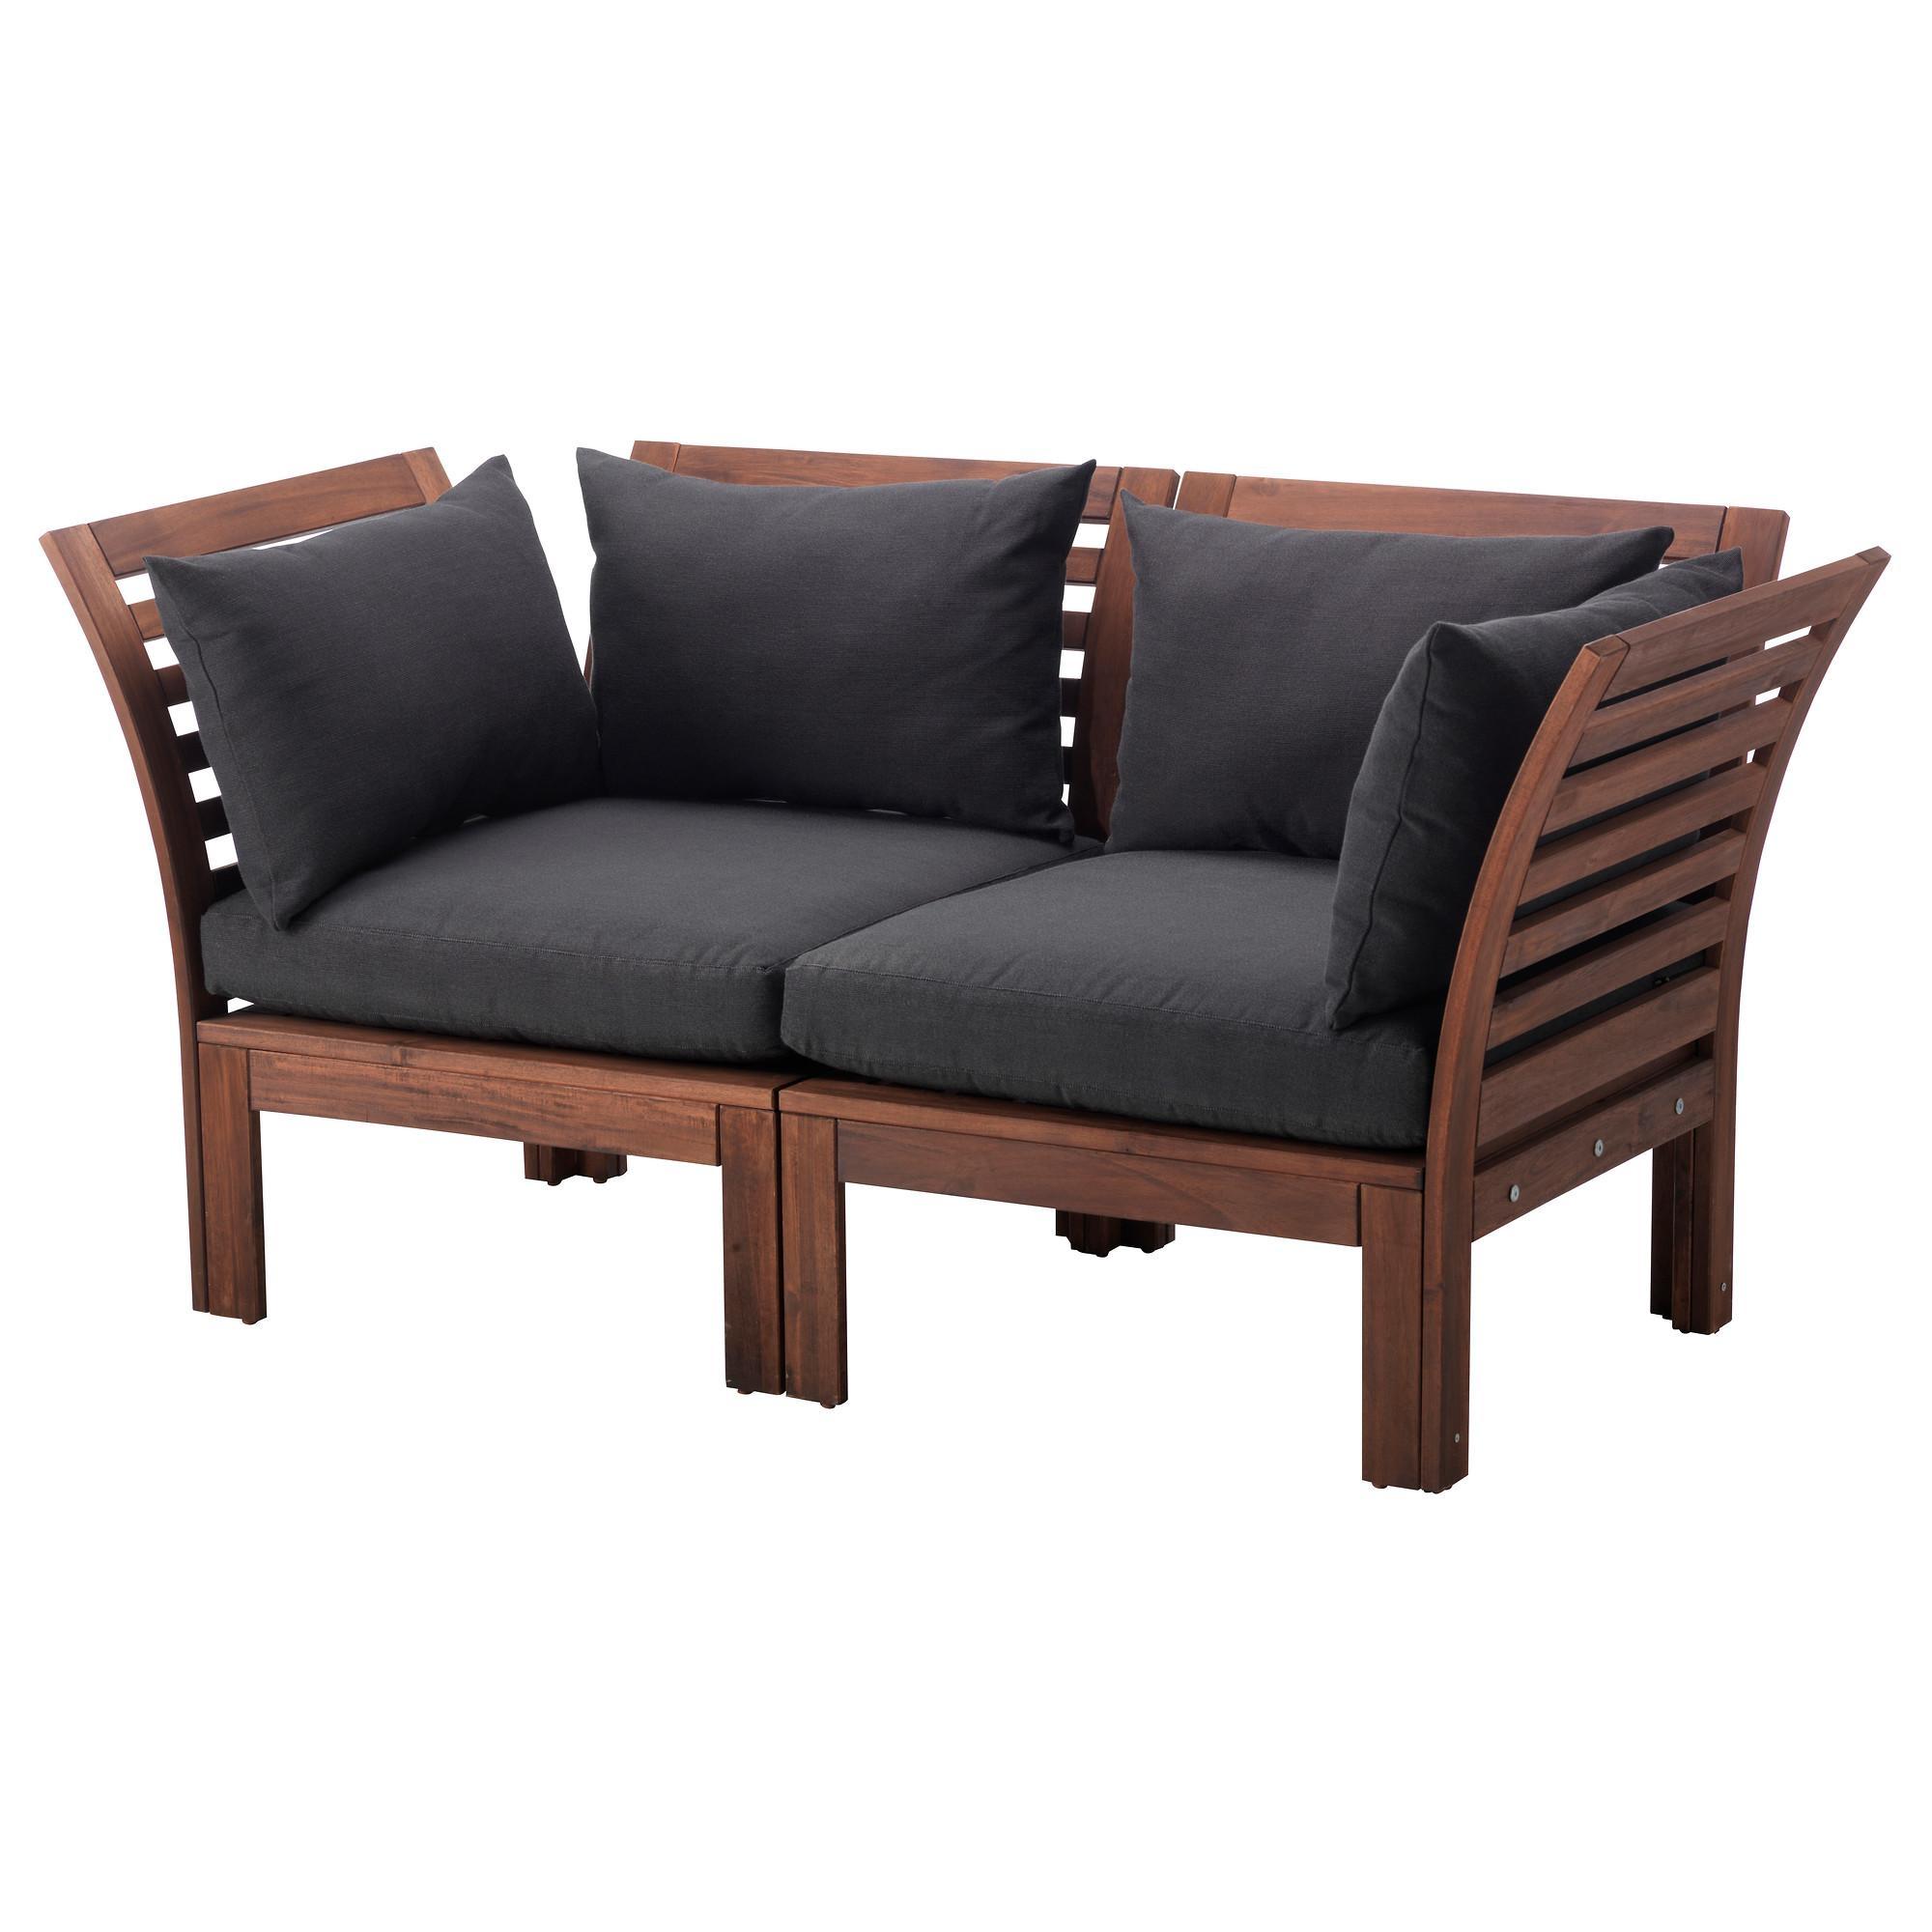 Äpplarö – Ikea Pertaining To Sofa Chairs Ikea (View 10 of 20)